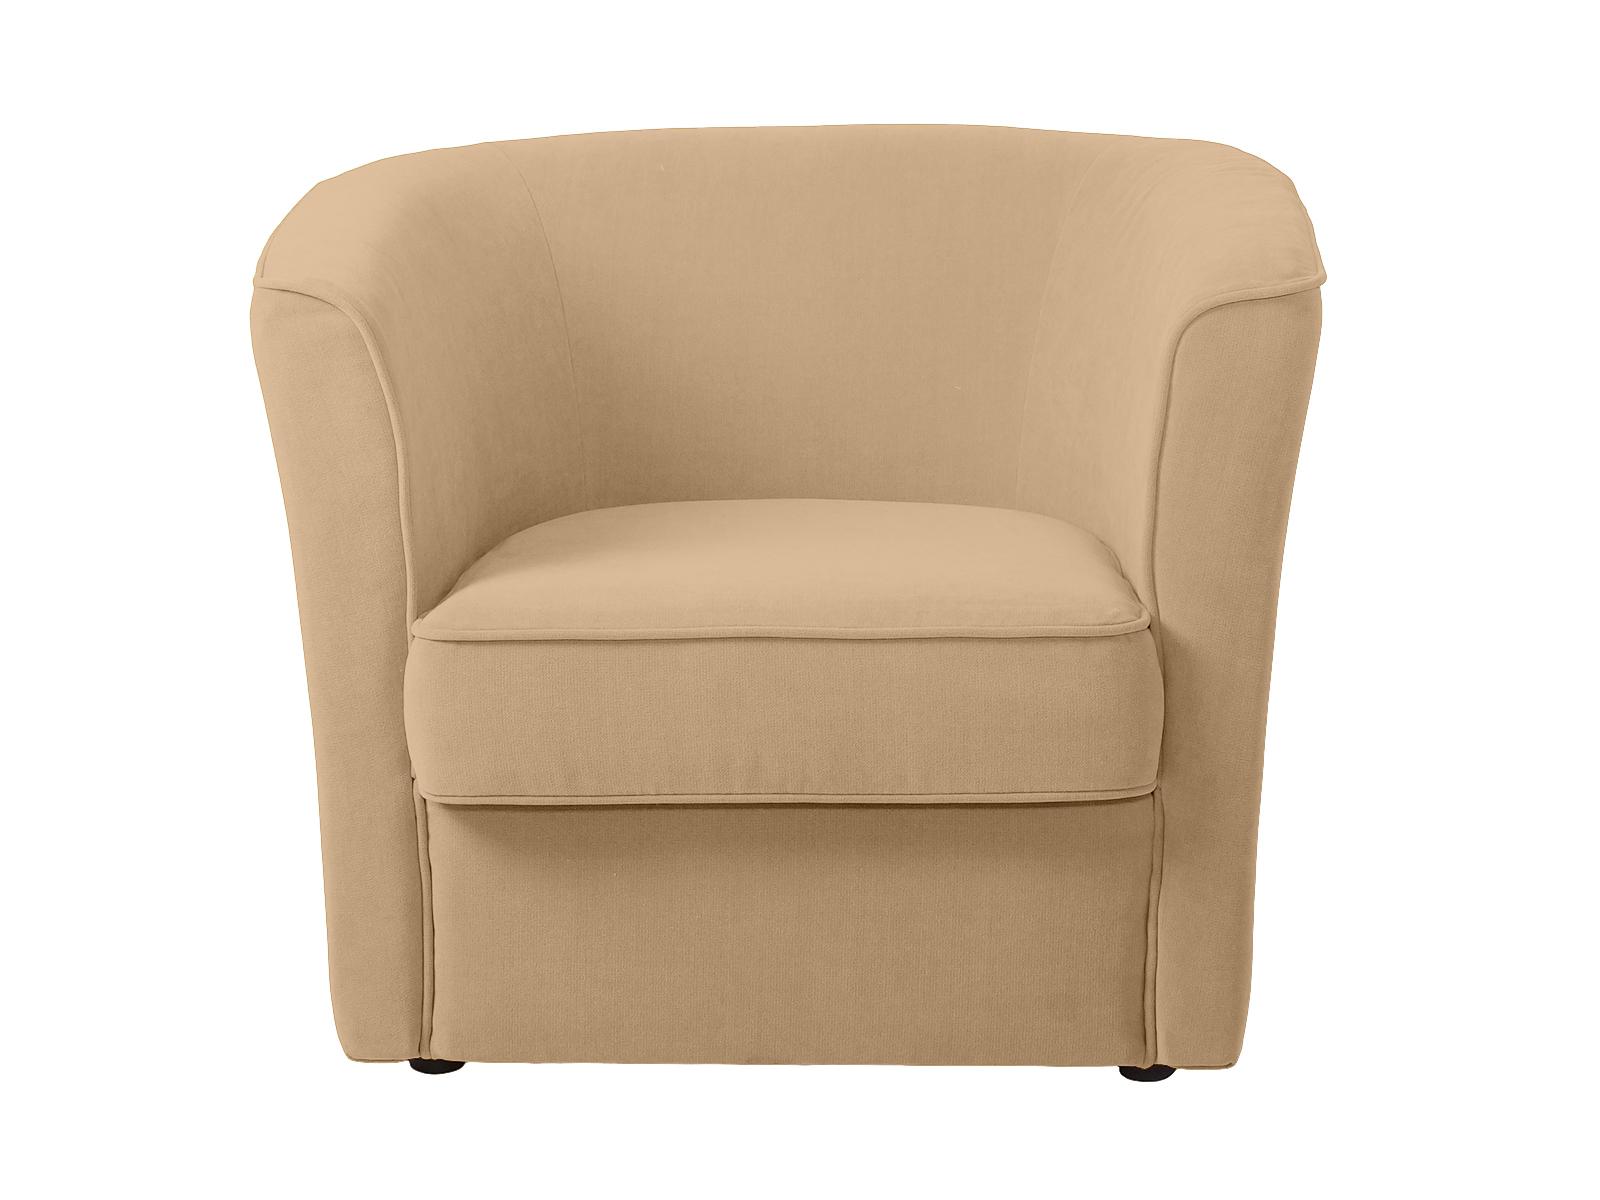 Кресло CaliforniaИнтерьерные кресла<br>&amp;lt;div&amp;gt;Материалы:&amp;lt;/div&amp;gt;&amp;lt;div&amp;gt;Каркас: деревянный брус, фанера.&amp;lt;/div&amp;gt;&amp;lt;div&amp;gt;Сиденье: пенополиуретан, холлофайбер.&amp;lt;/div&amp;gt;&amp;lt;div&amp;gt;Лицевой чехол: несъёмный.&amp;lt;/div&amp;gt;<br><br>Material: Текстиль<br>Ширина см: 86<br>Высота см: 73<br>Глубина см: 78